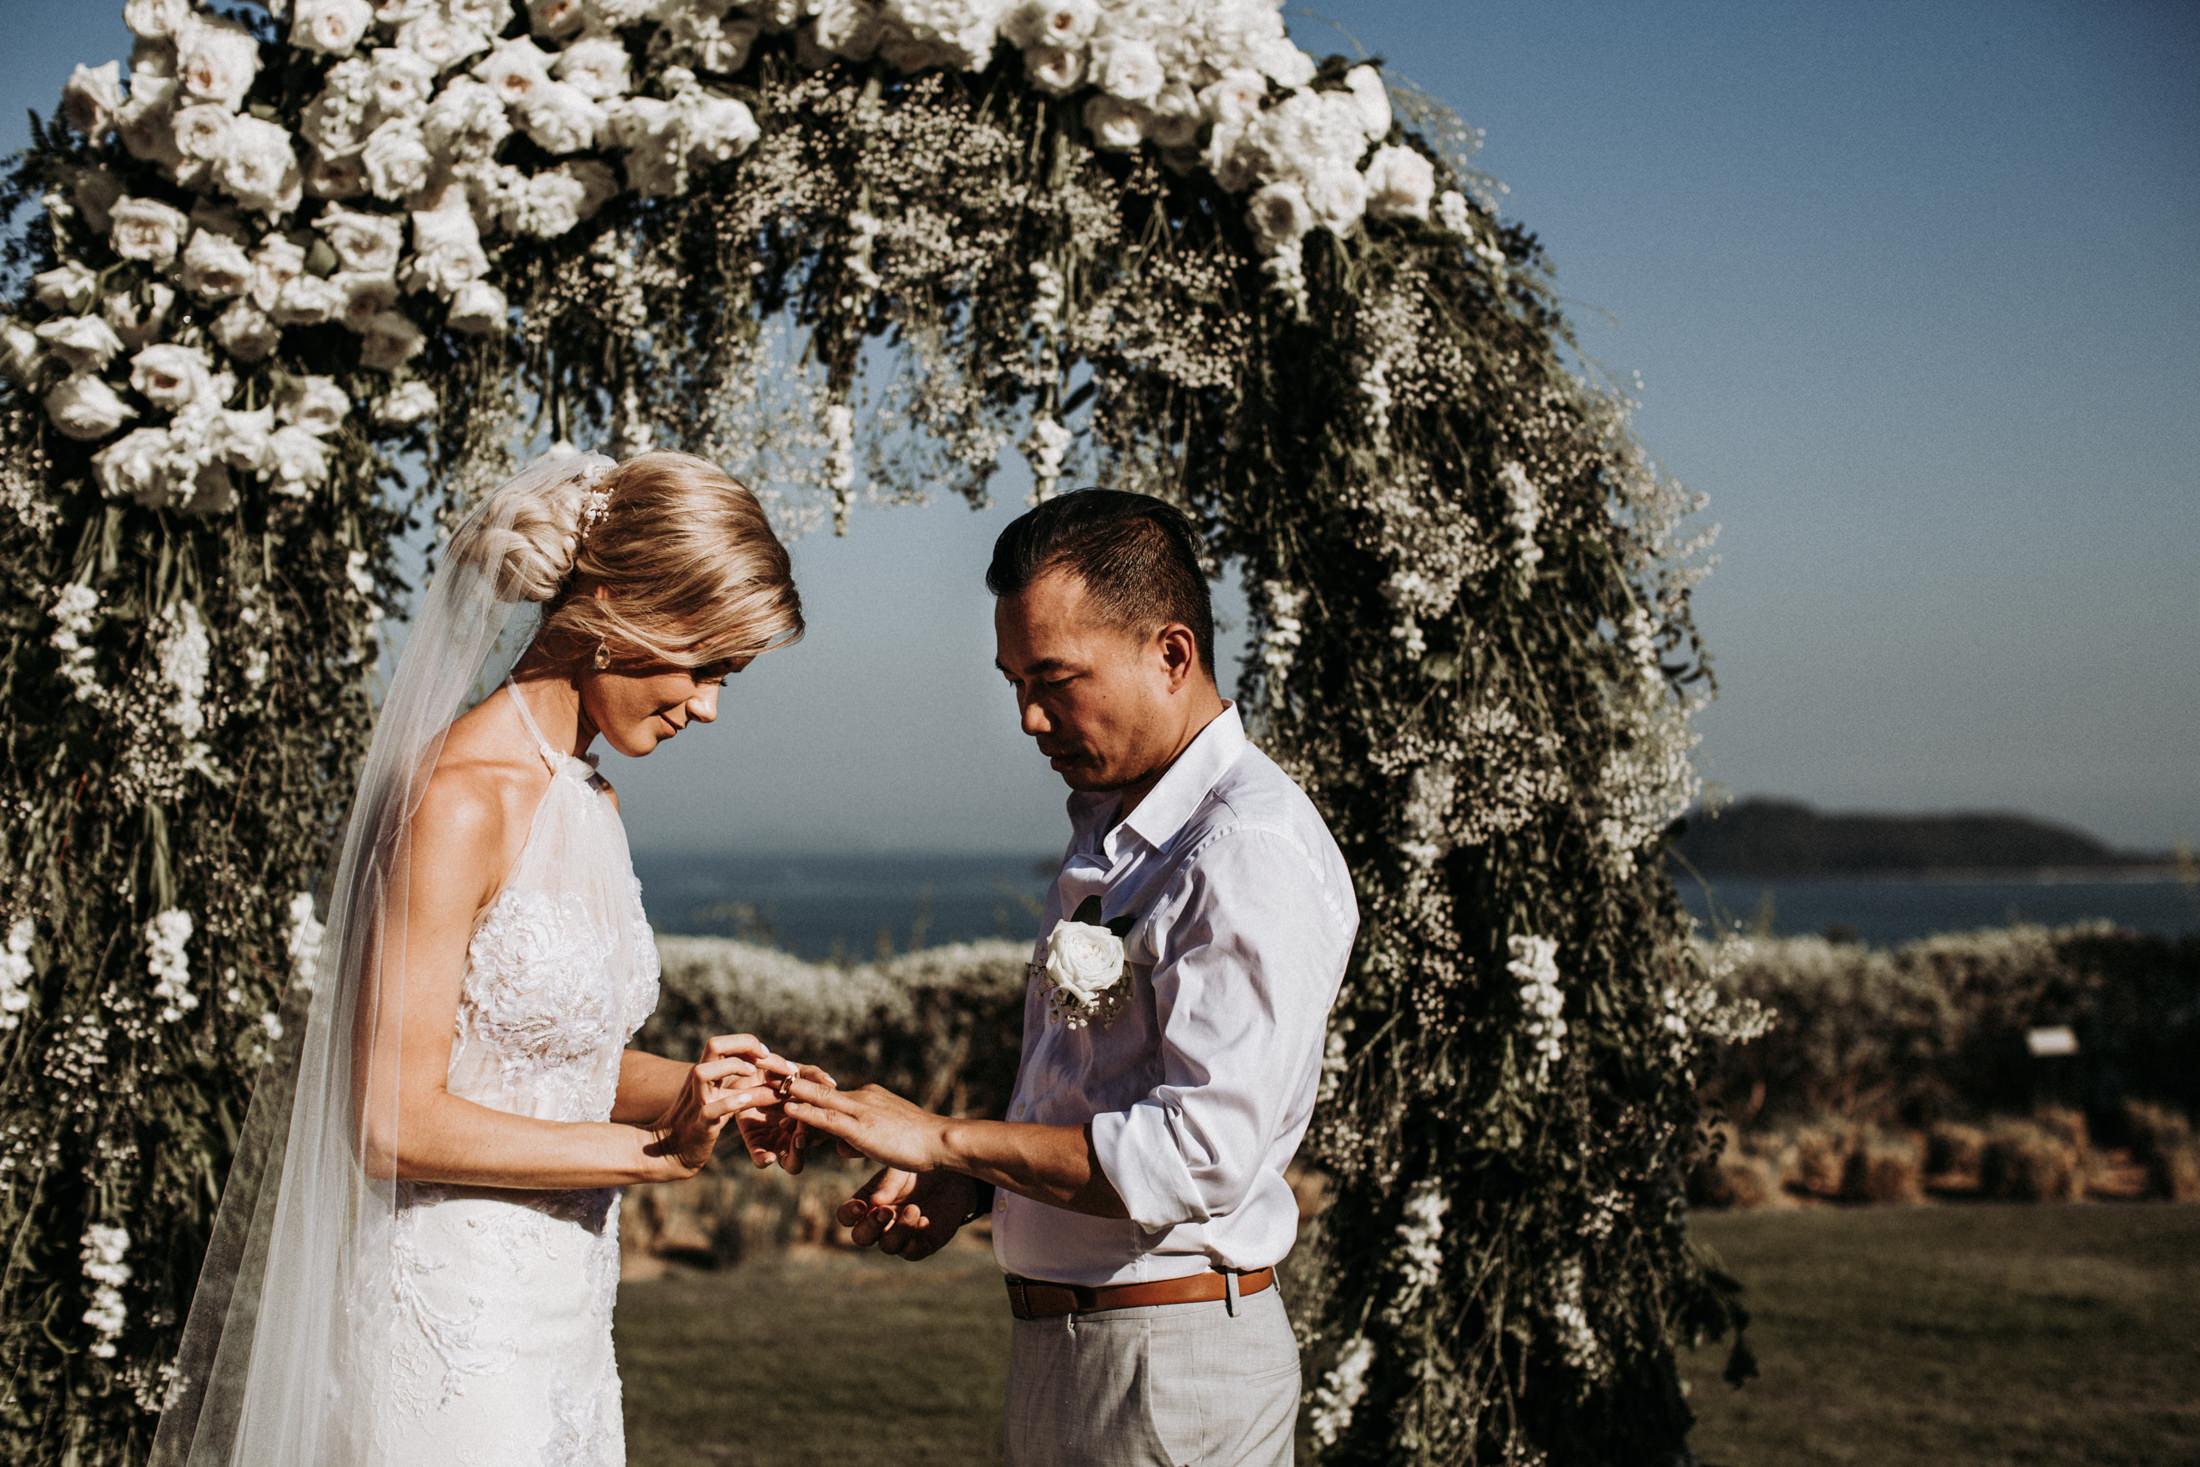 DanielaMarquardt_Wedding_Thailand_252